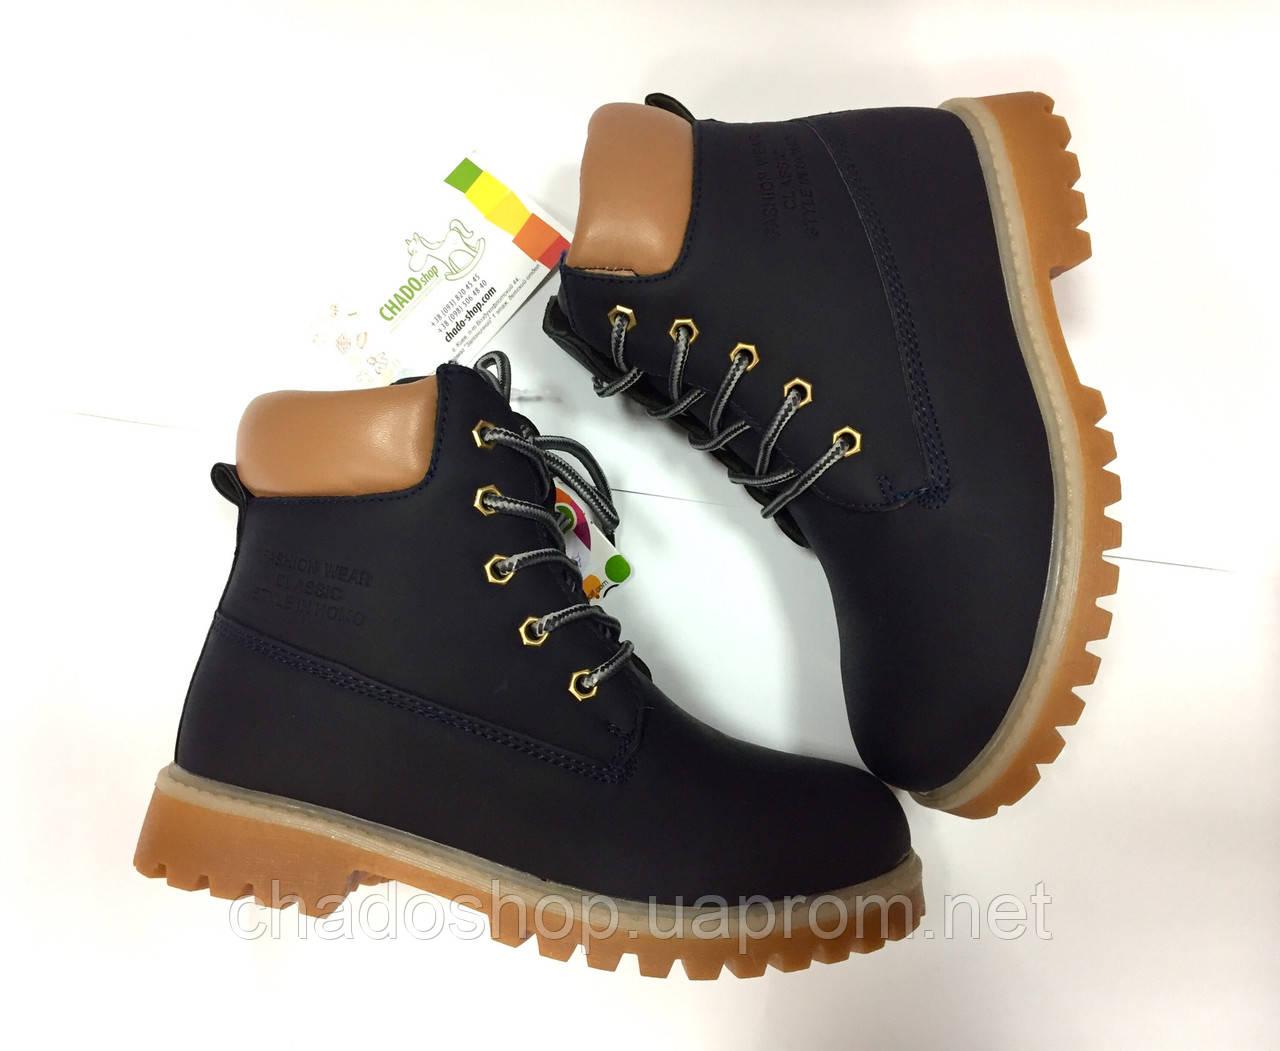 Зимние ботинки для мальчика 32 - 37